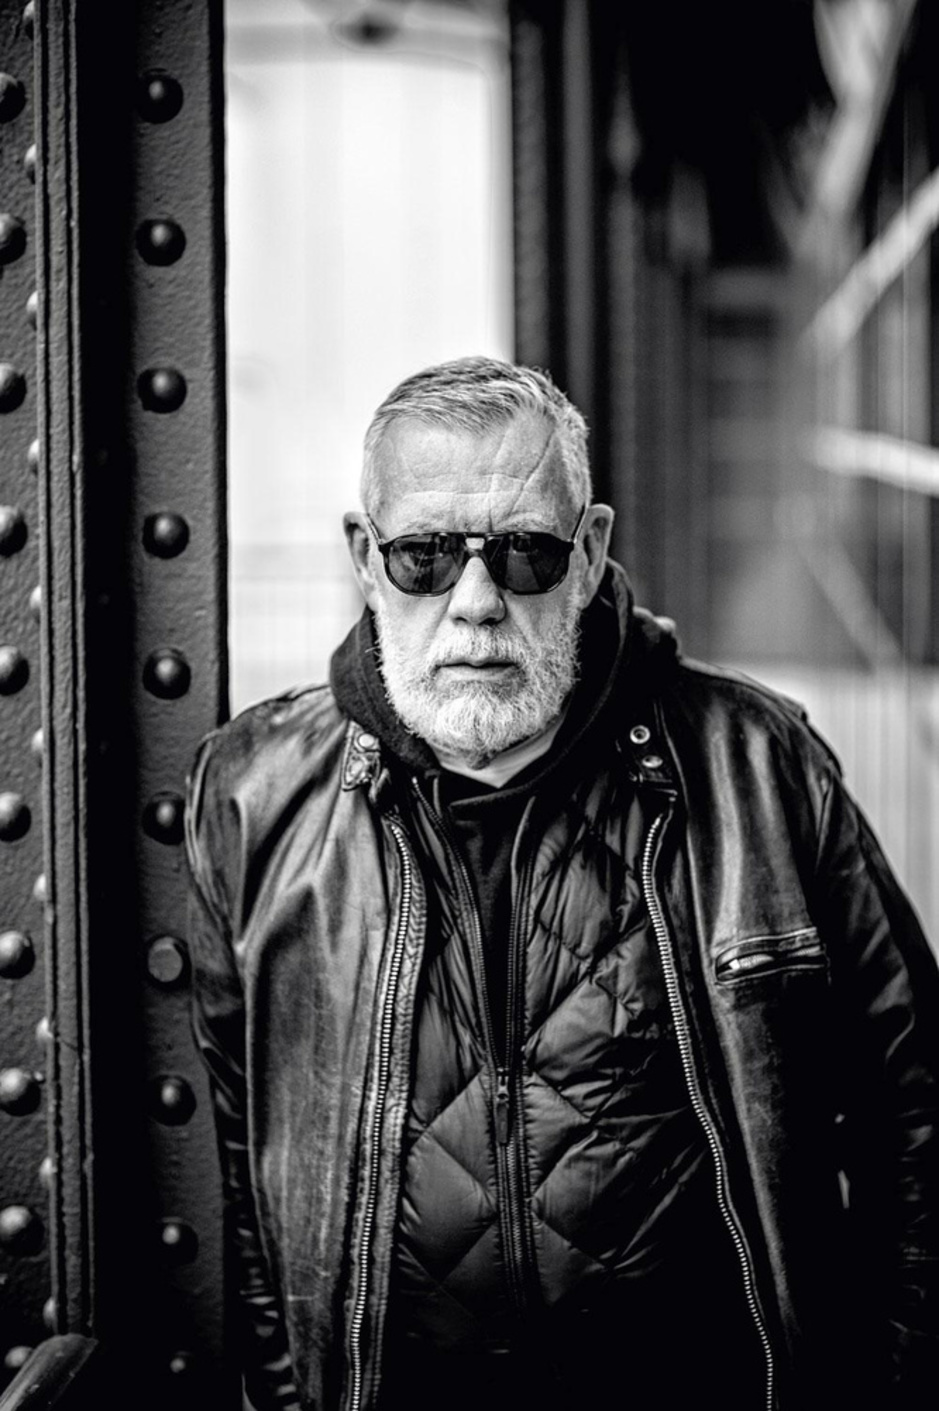 Profil XXL: le chemin de mode transgressif de Jean Colonna